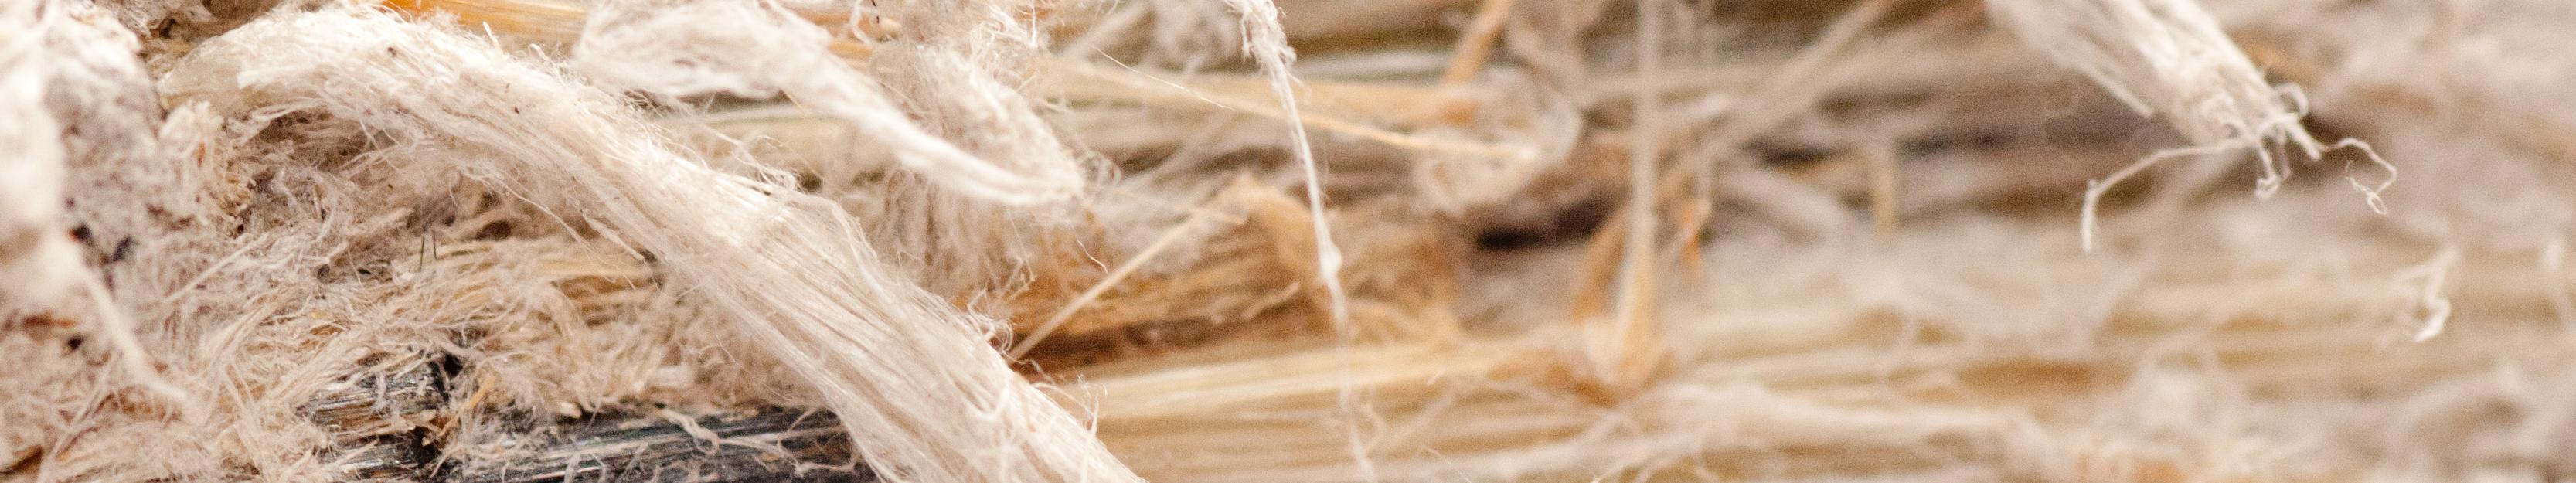 Asbestos Testing Eurofins Usa